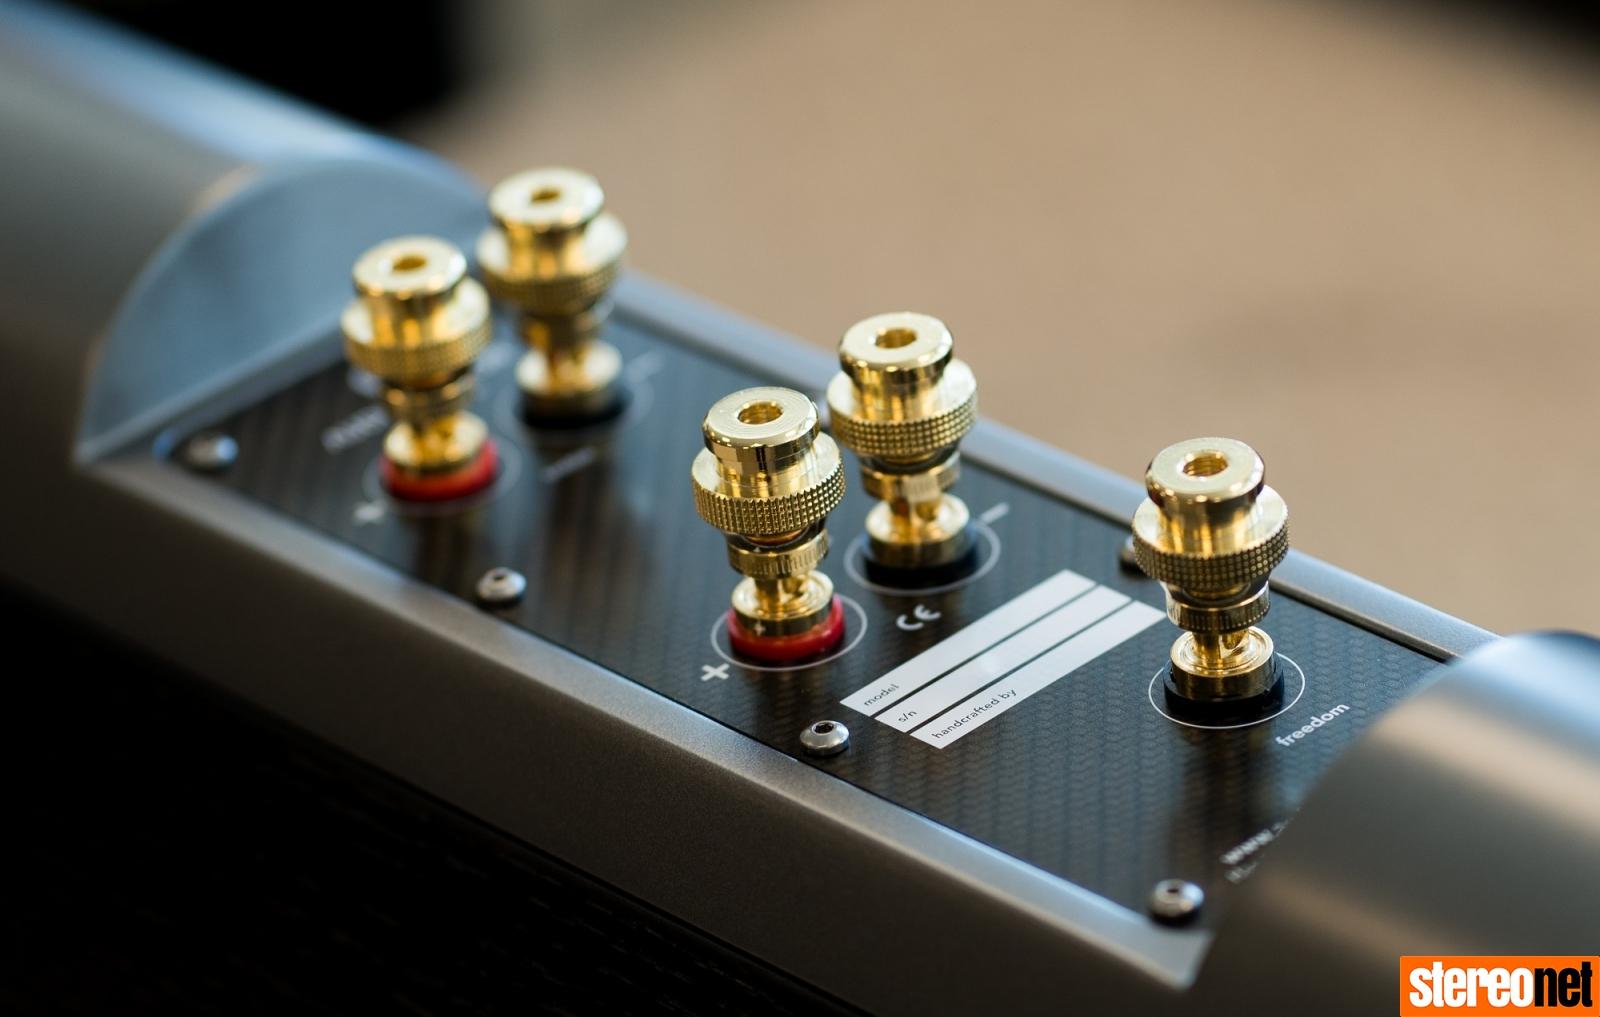 Audiovector R3 Arreté Review